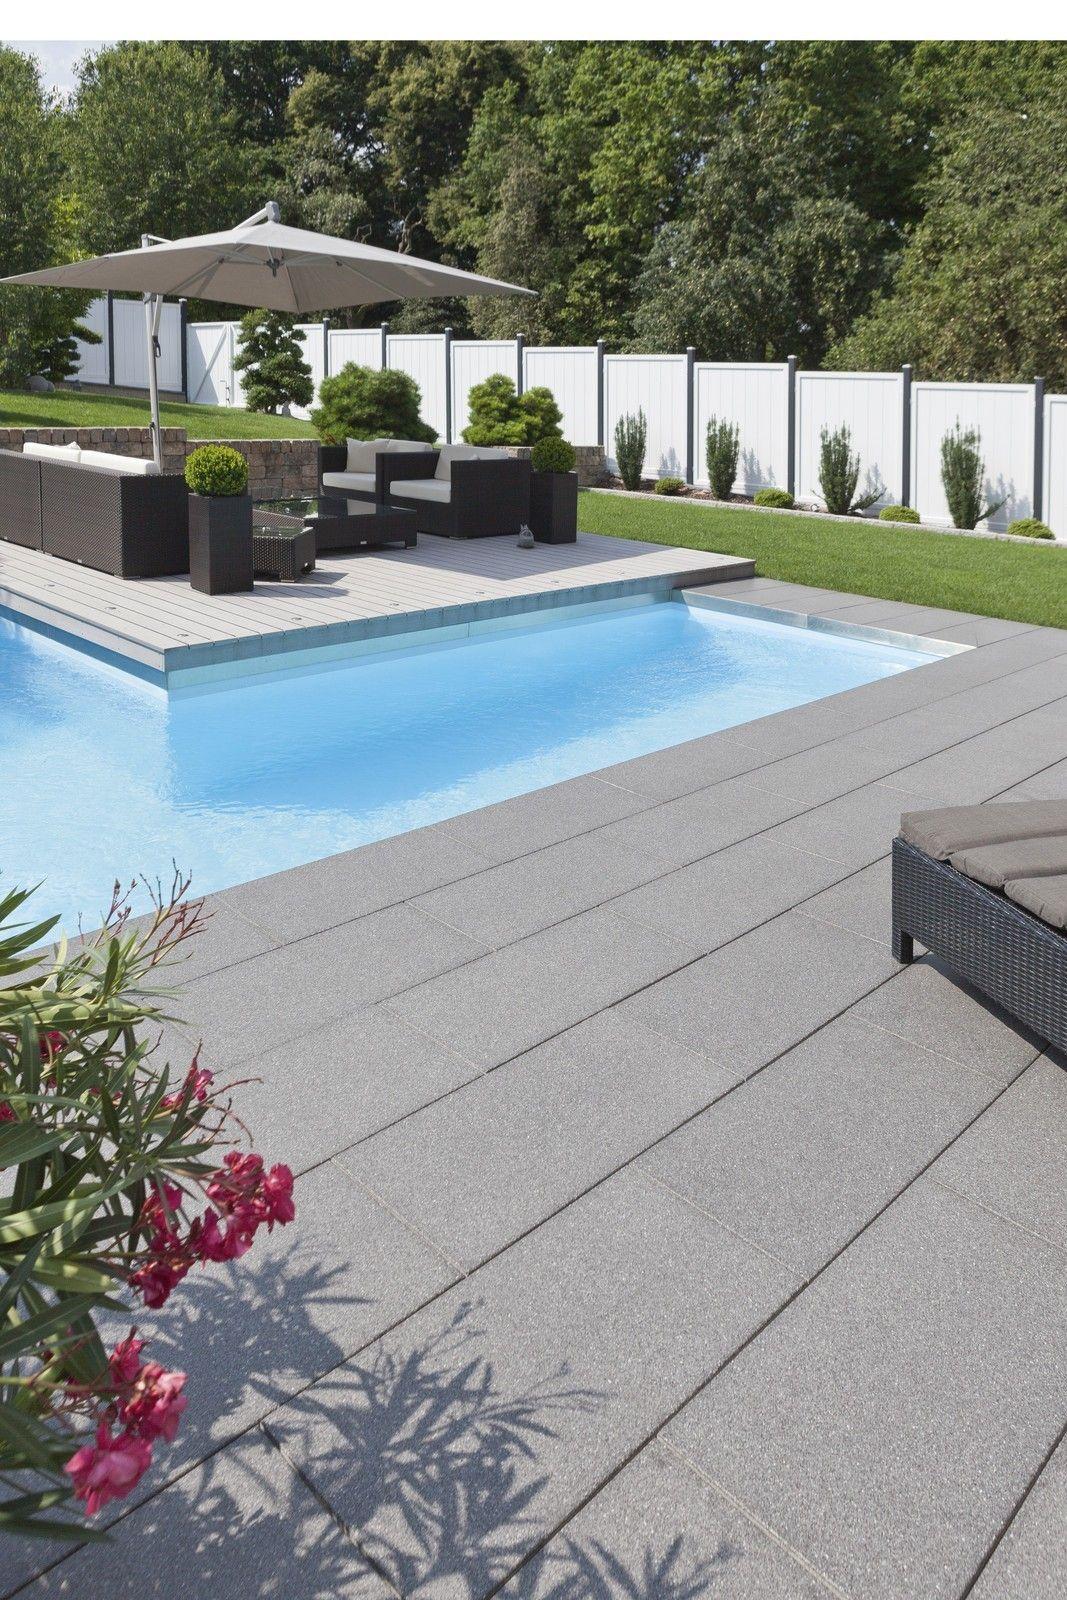 terrassenplatten mit teflon beschichtung rsf 5 von rinn betonsteine und natursteine rinn